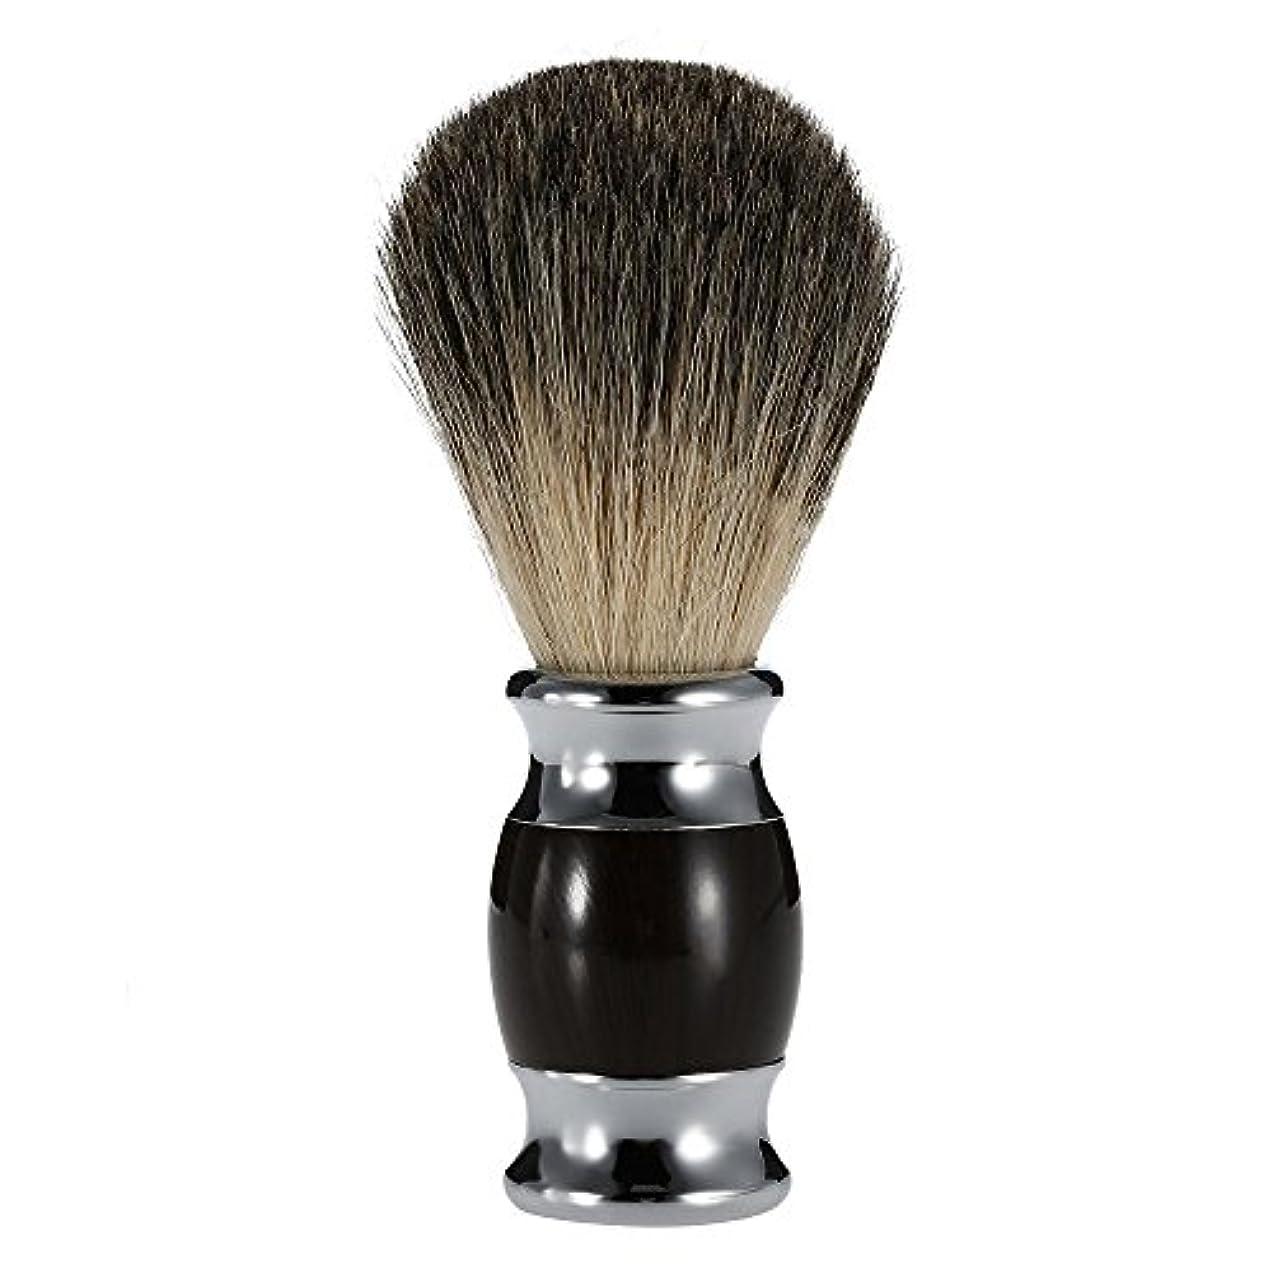 メガロポリスアセンブリ胆嚢Dagly(TM) 男性のひげあごひげクリーニングシェービングブラシピュアバジャー髪のダスティングシェービングカミソリブラシアプライアンスプロ理容サロンツールの父のギフト